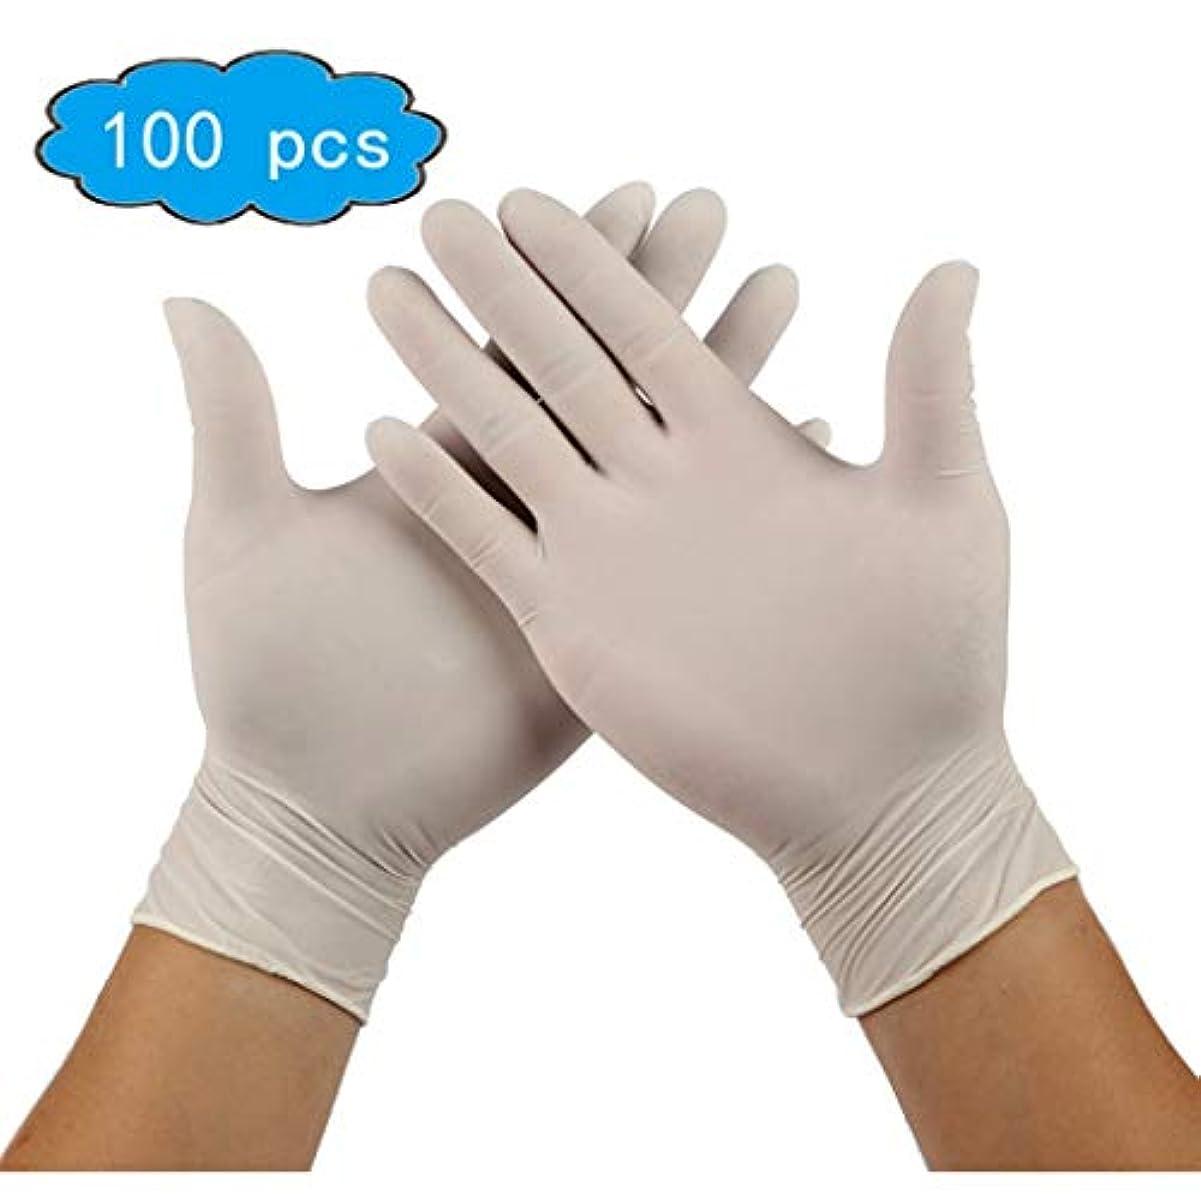 宣教師考案する側溝100 XS-XLサイズの使い捨てラテックス手袋、パウダーフリー、スムースタッチ、食品サービスグレード、使い捨て手袋食品 (Color : White, Size : L)